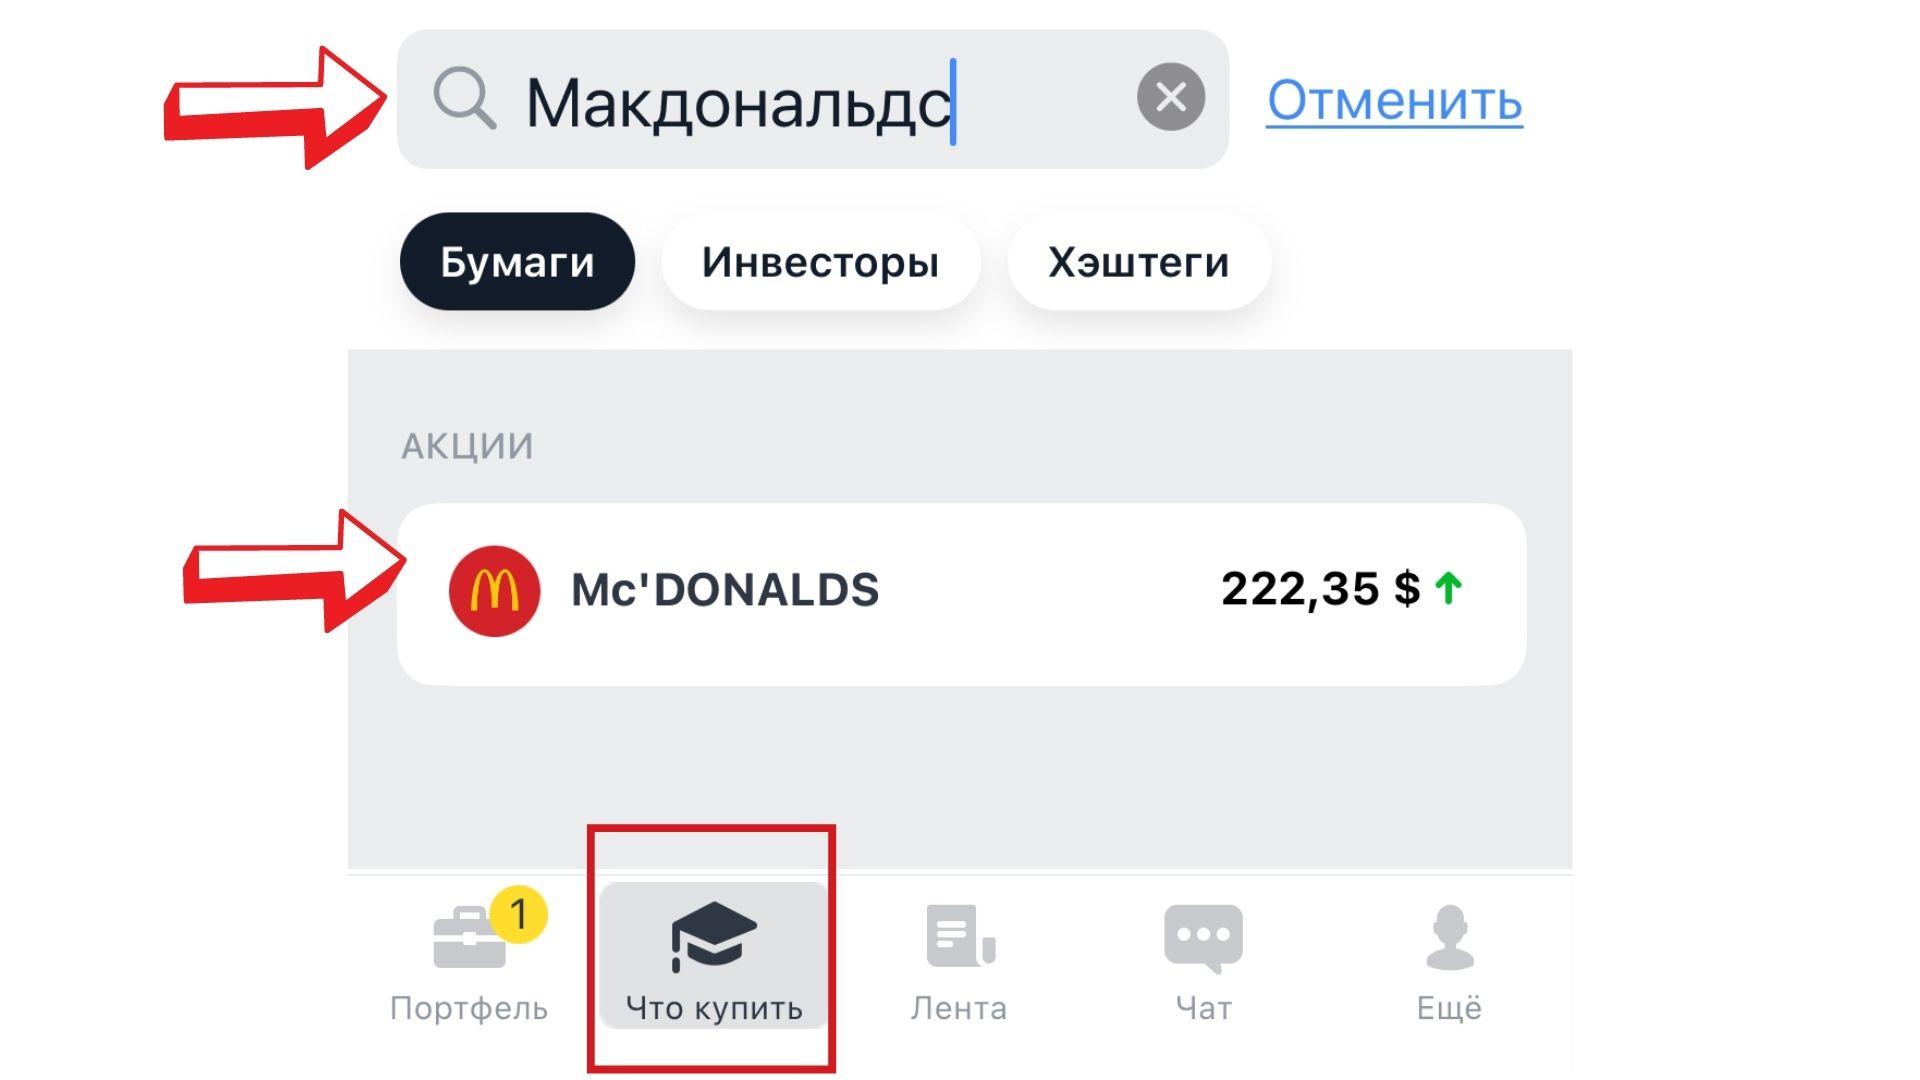 Как КУПИТЬ АКЦИИ McDonald's физ лицам